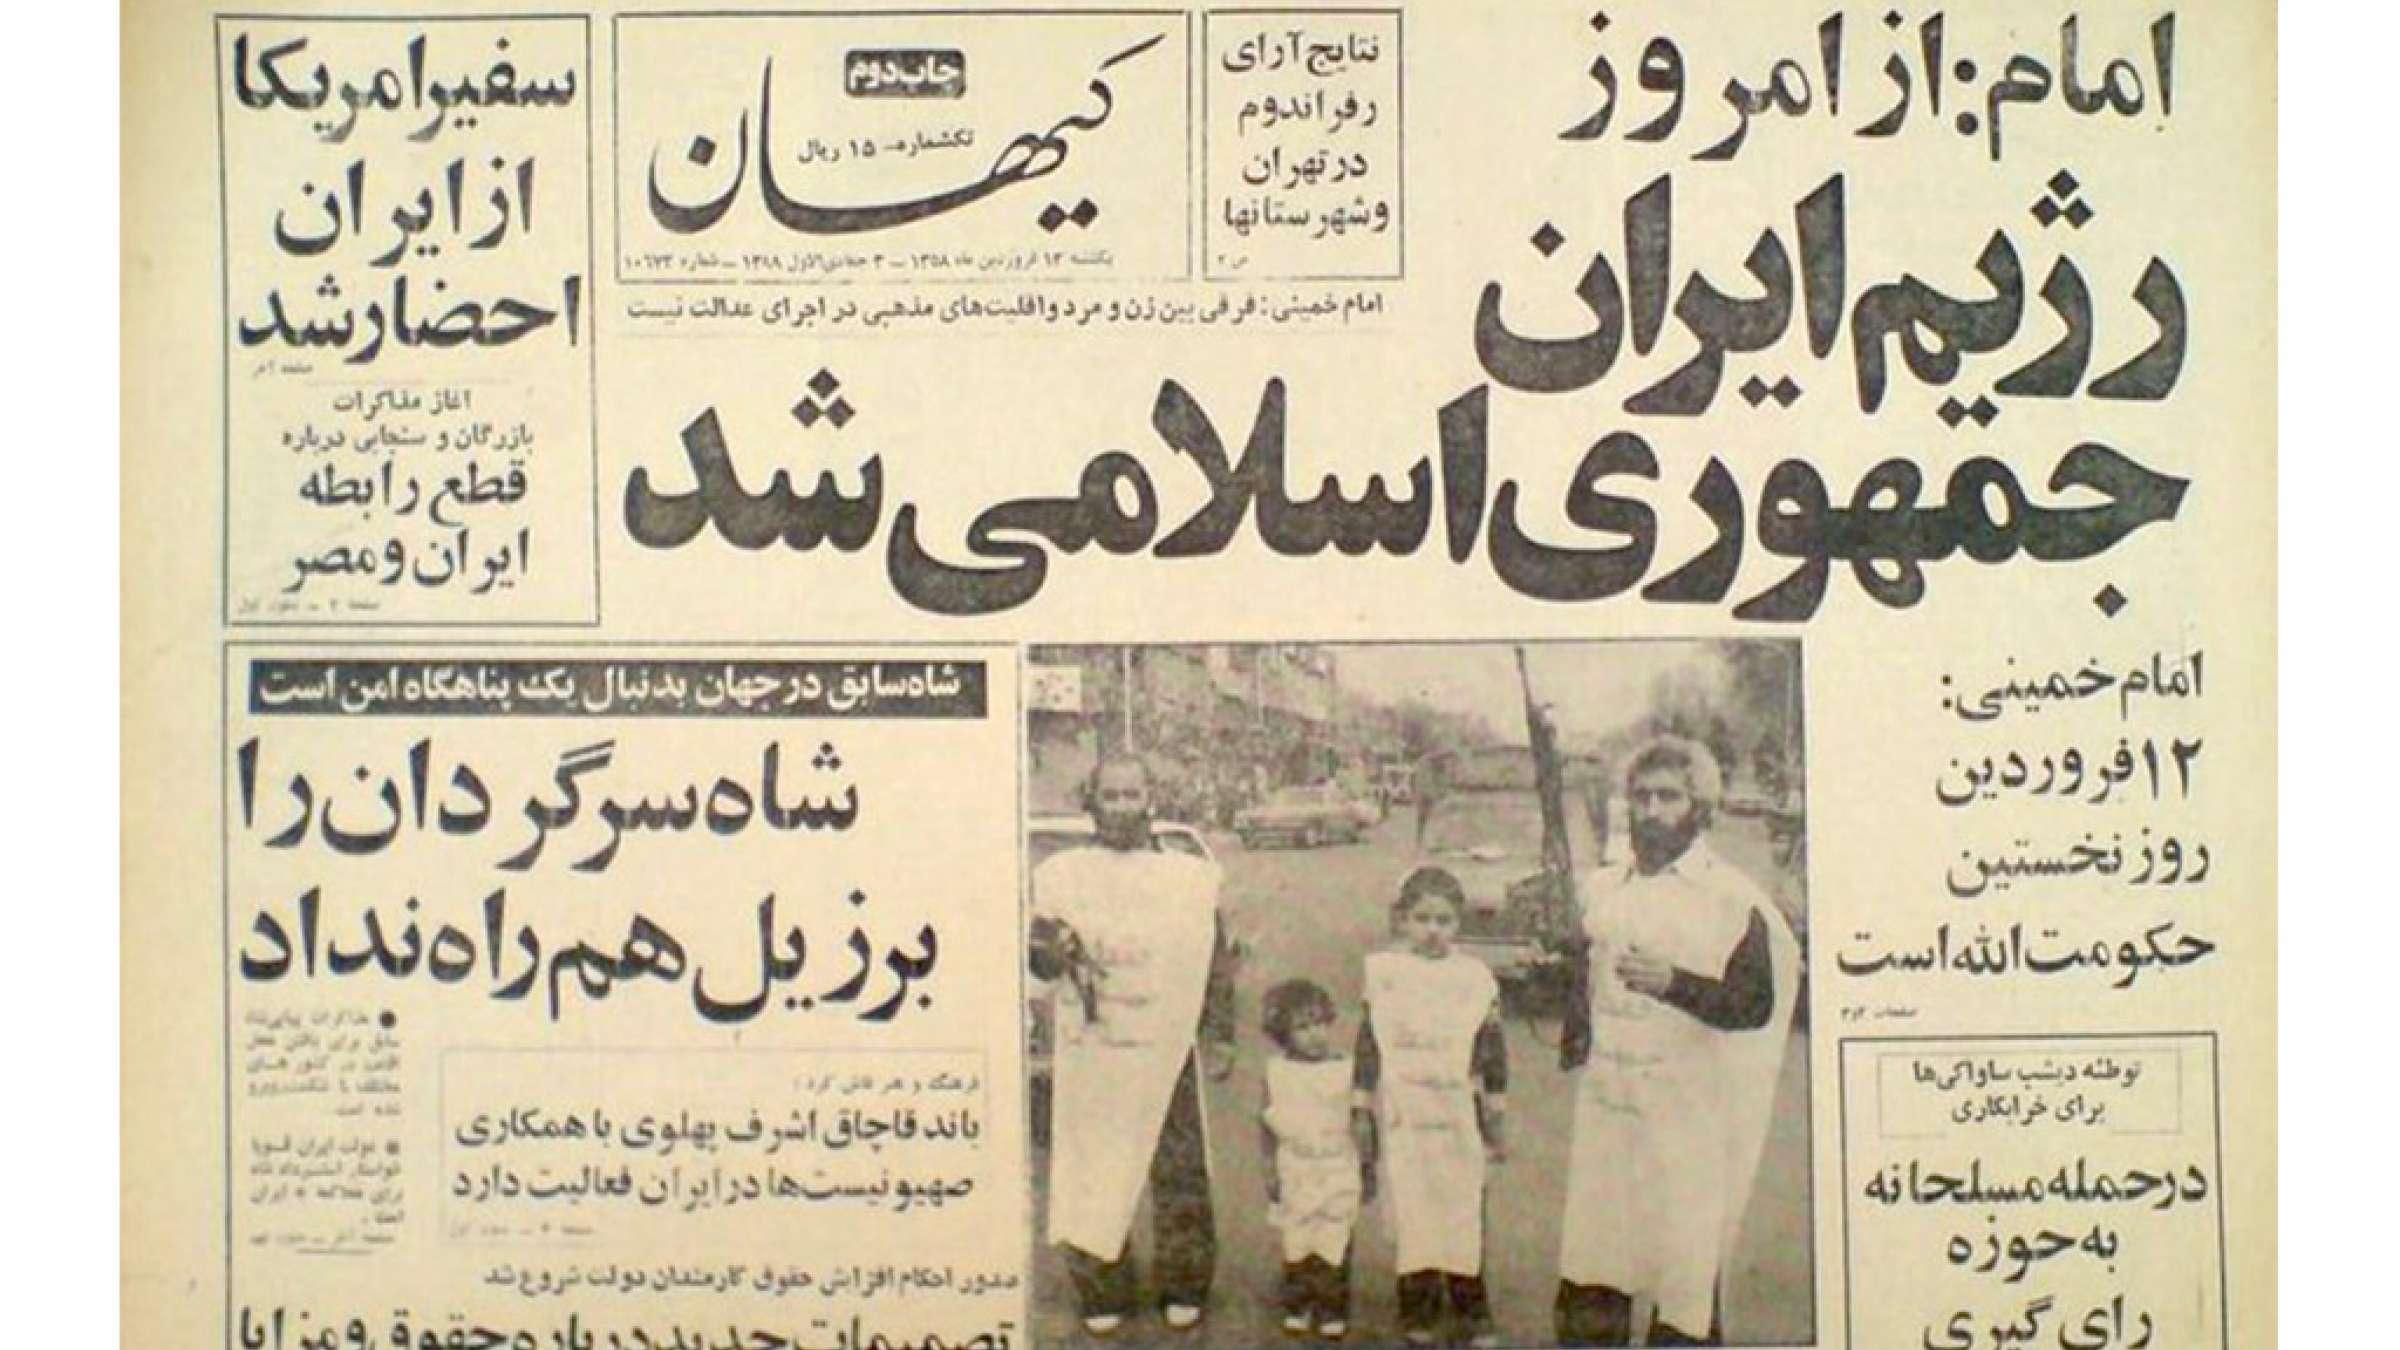 عمومی-ضیائیان-کیهان-جمهوری-اسلامی